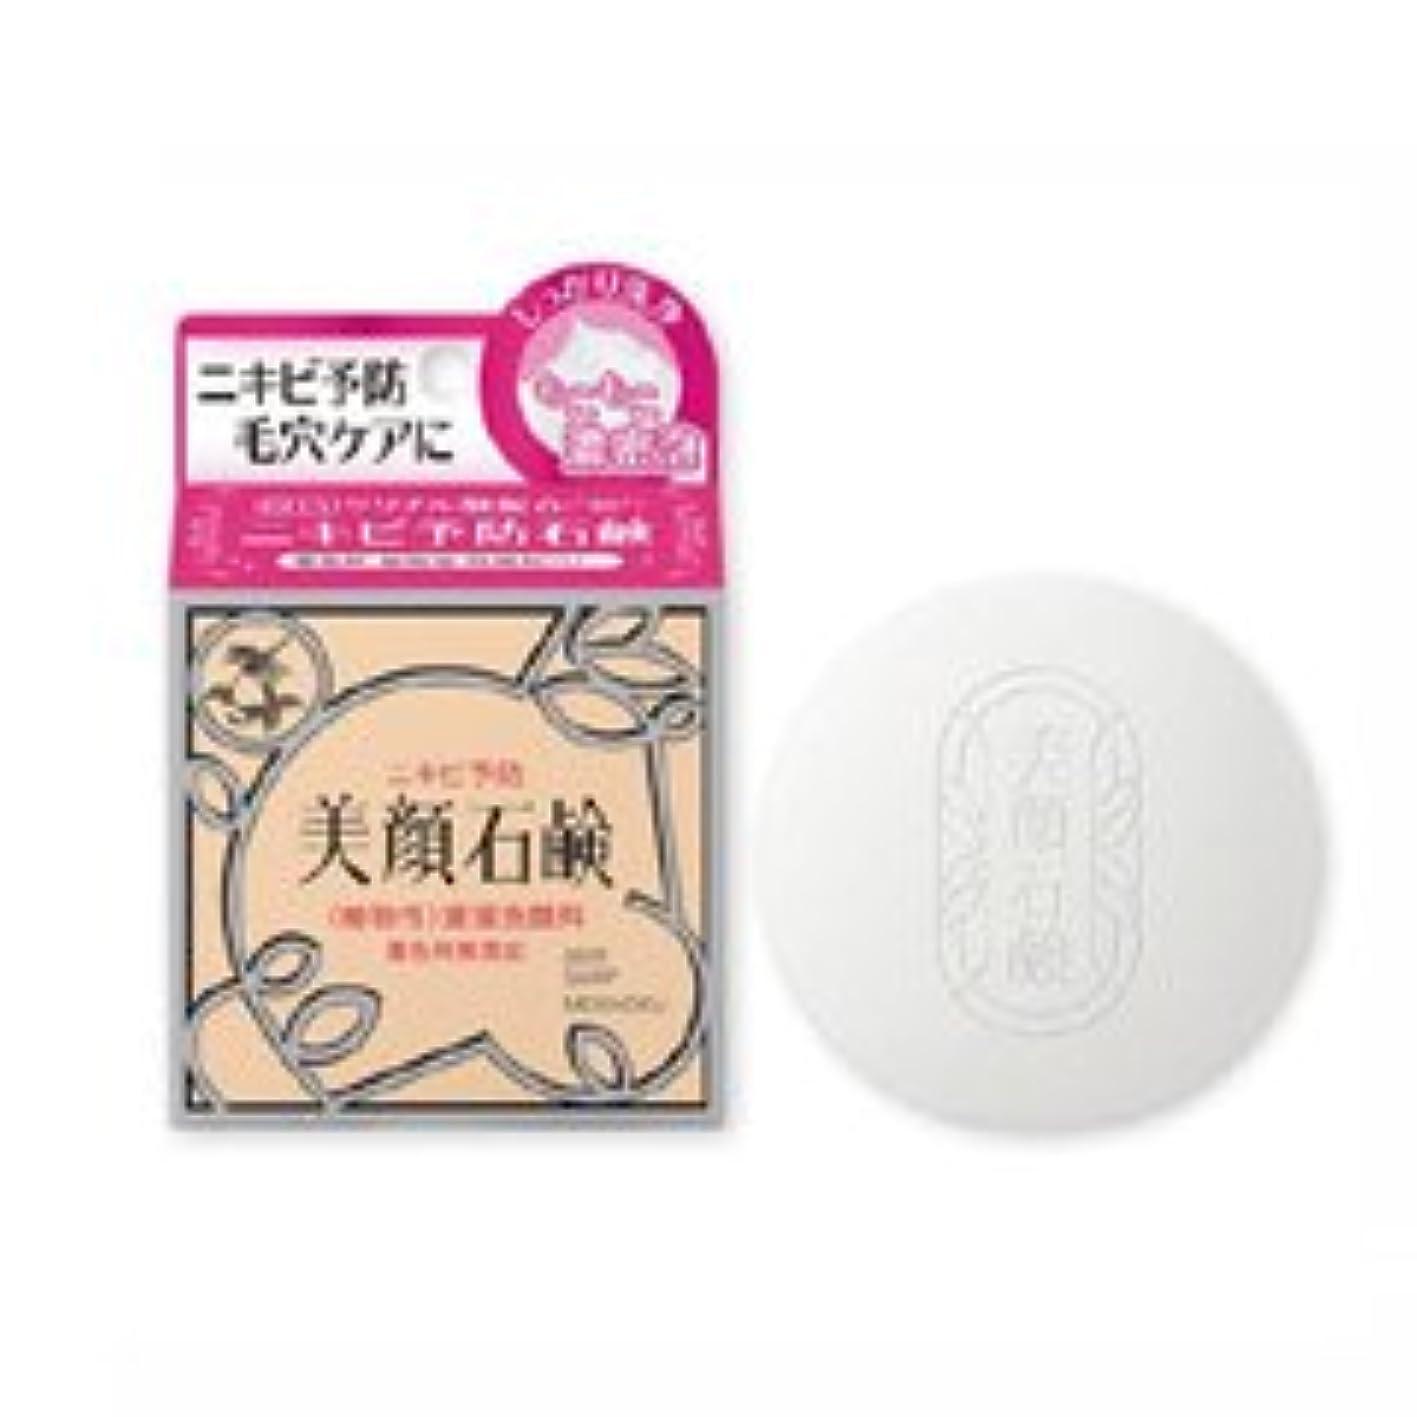 満足マディソンスタンド美顔石鹸 80g 【明色】